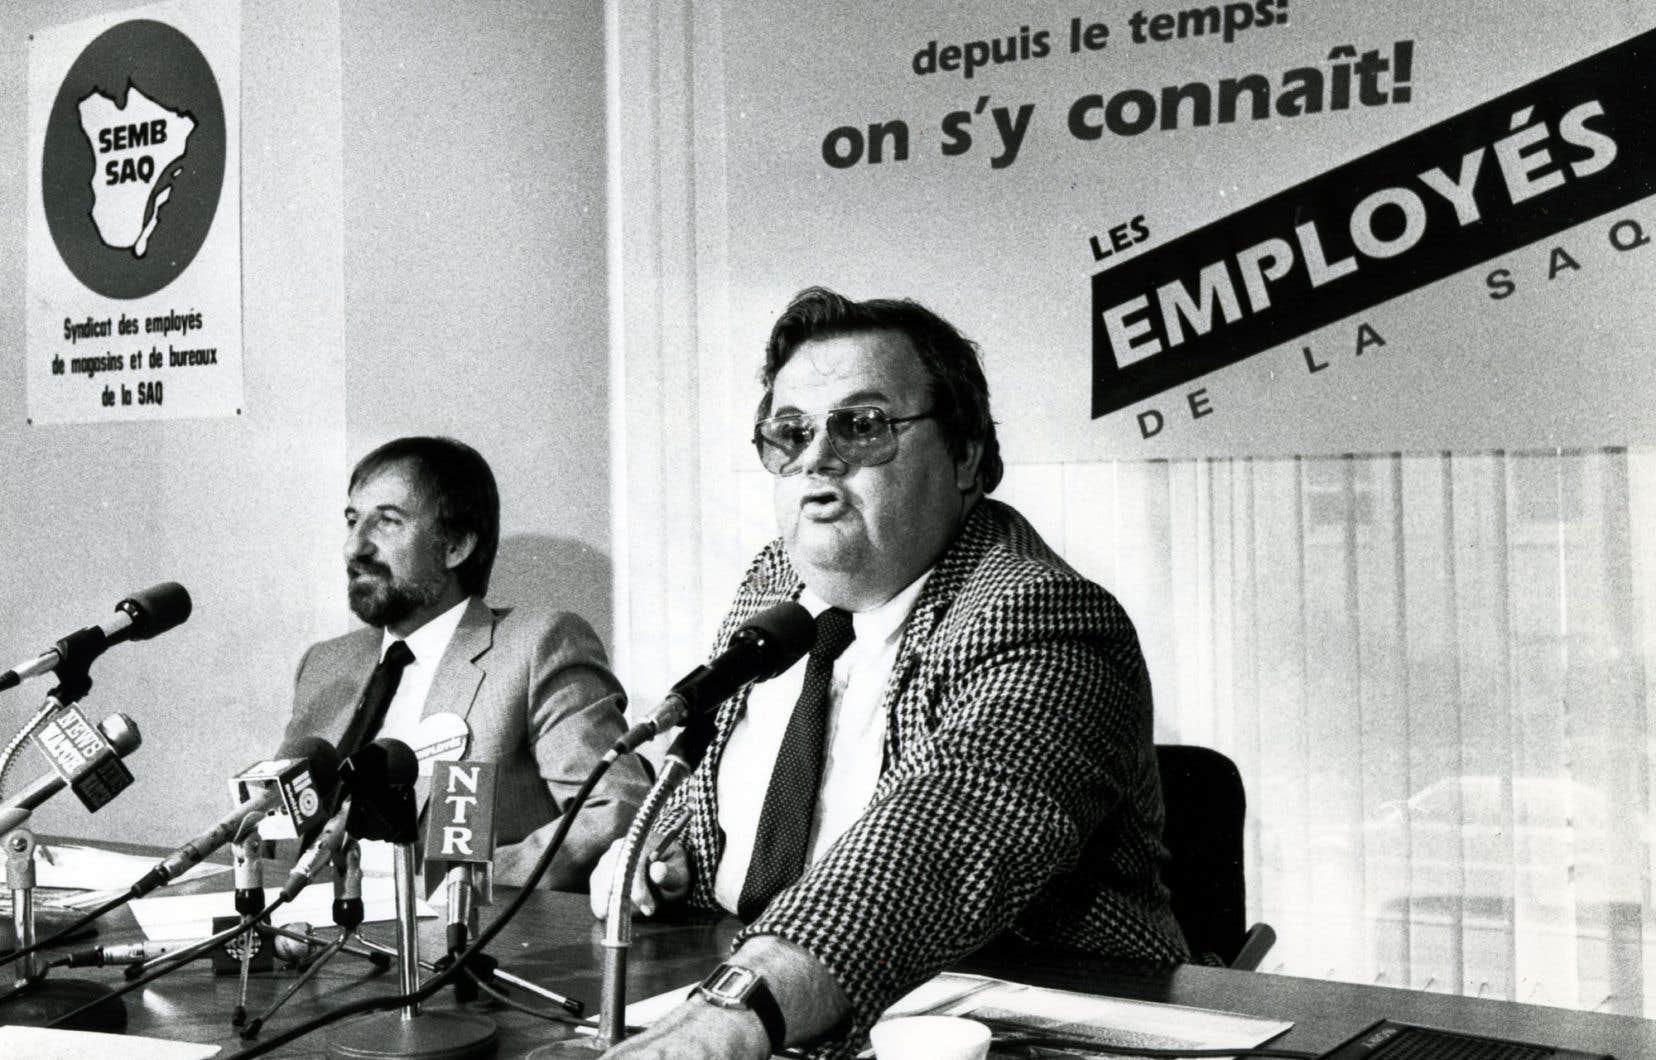 Militant péquiste de la première heure, Ronald Asselin (à l'avant-plan) avait fait de René Lévesque son idole.